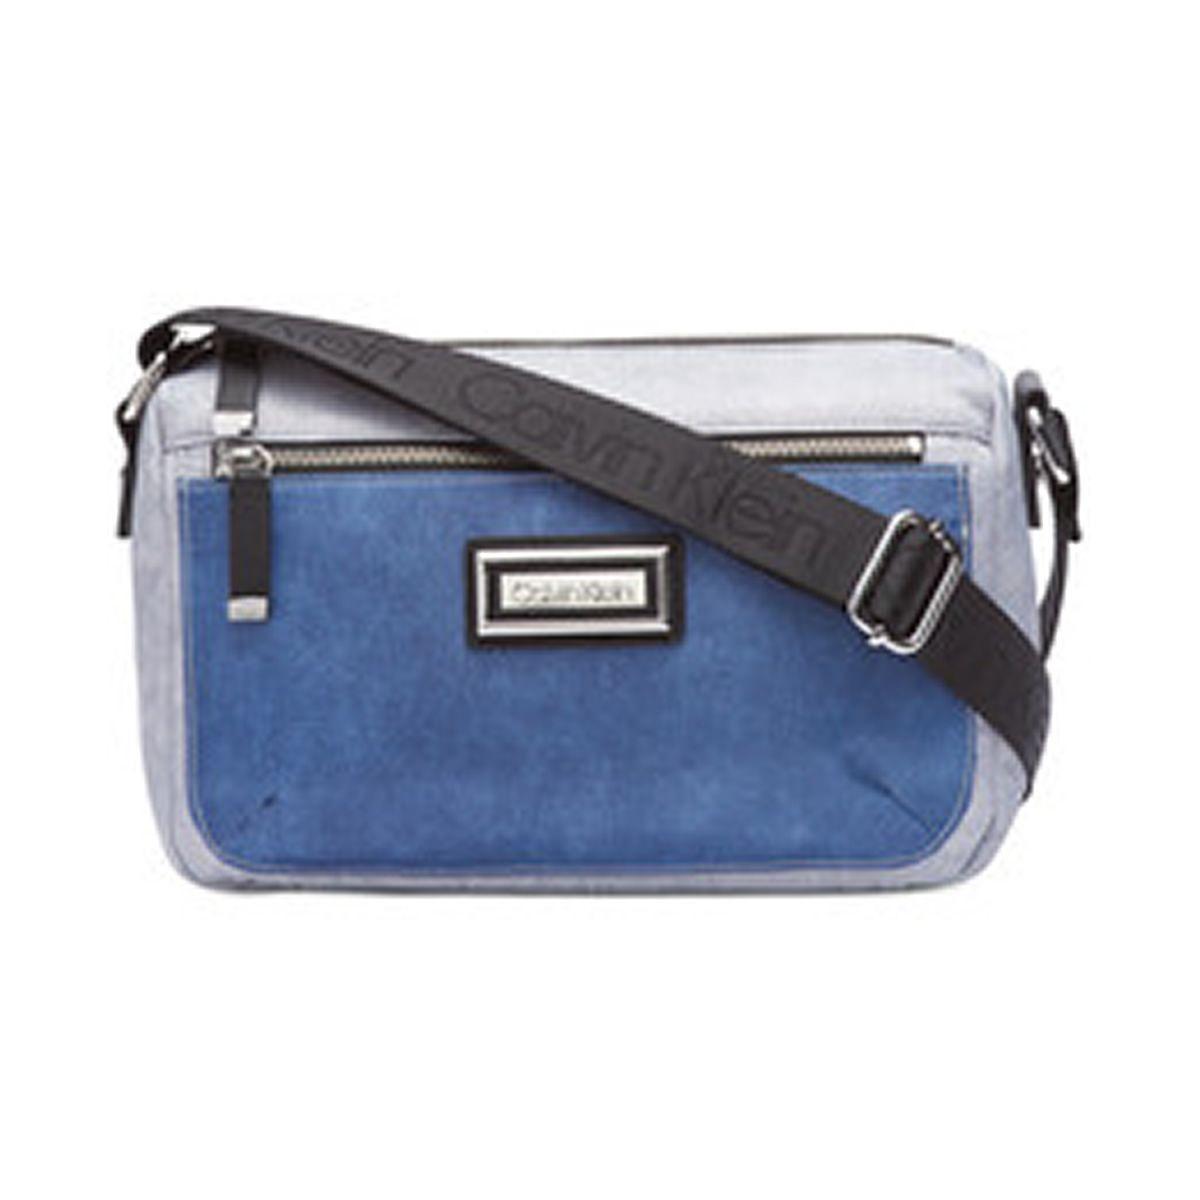 d00a895a1c Calvin Klein Handbags   Bags - Macy s